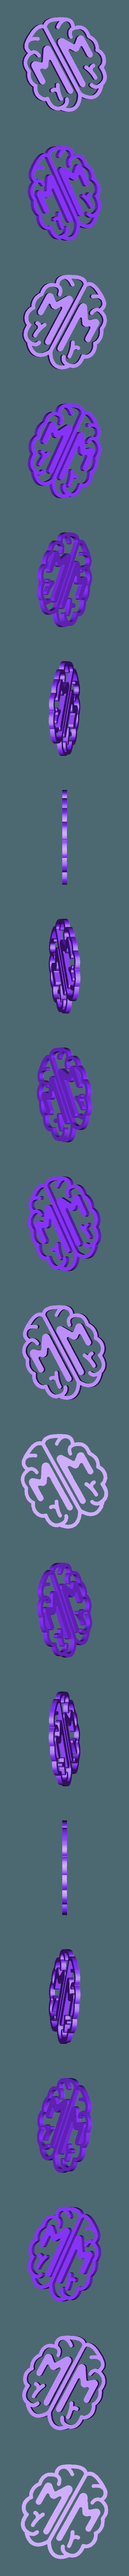 maker_mind_symbol_insert.stl Télécharger fichier STL gratuit Étui à crayons avec un twist • Objet pour imprimante 3D, MakerMind